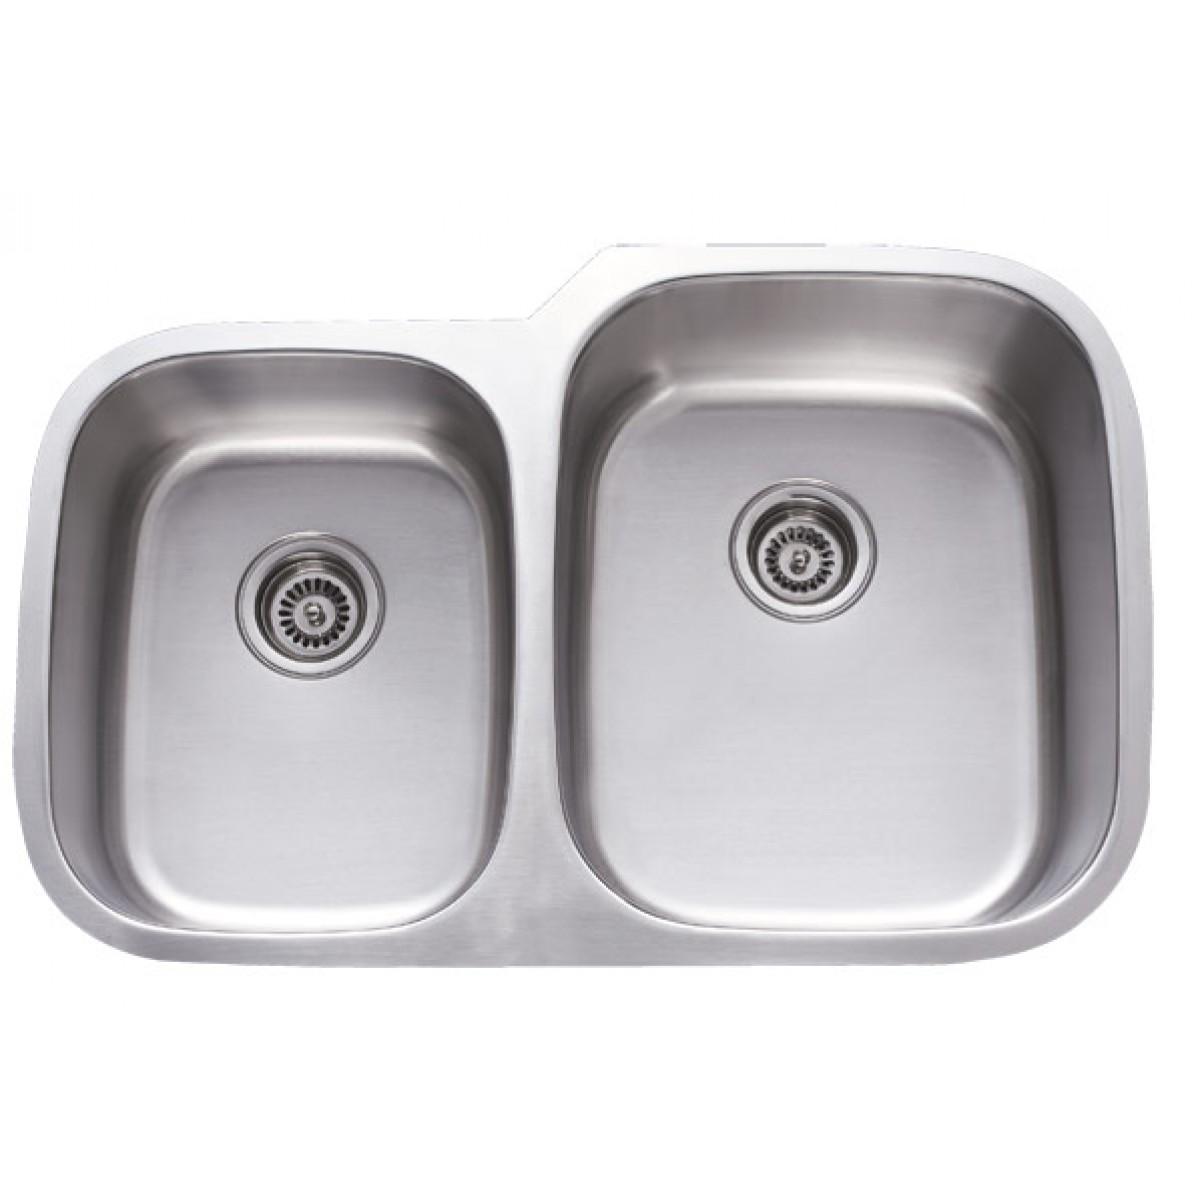 32 Inch Stainless Steel Undermount 40/60 Double Bowl Kitchen Sink - 18 Gauge